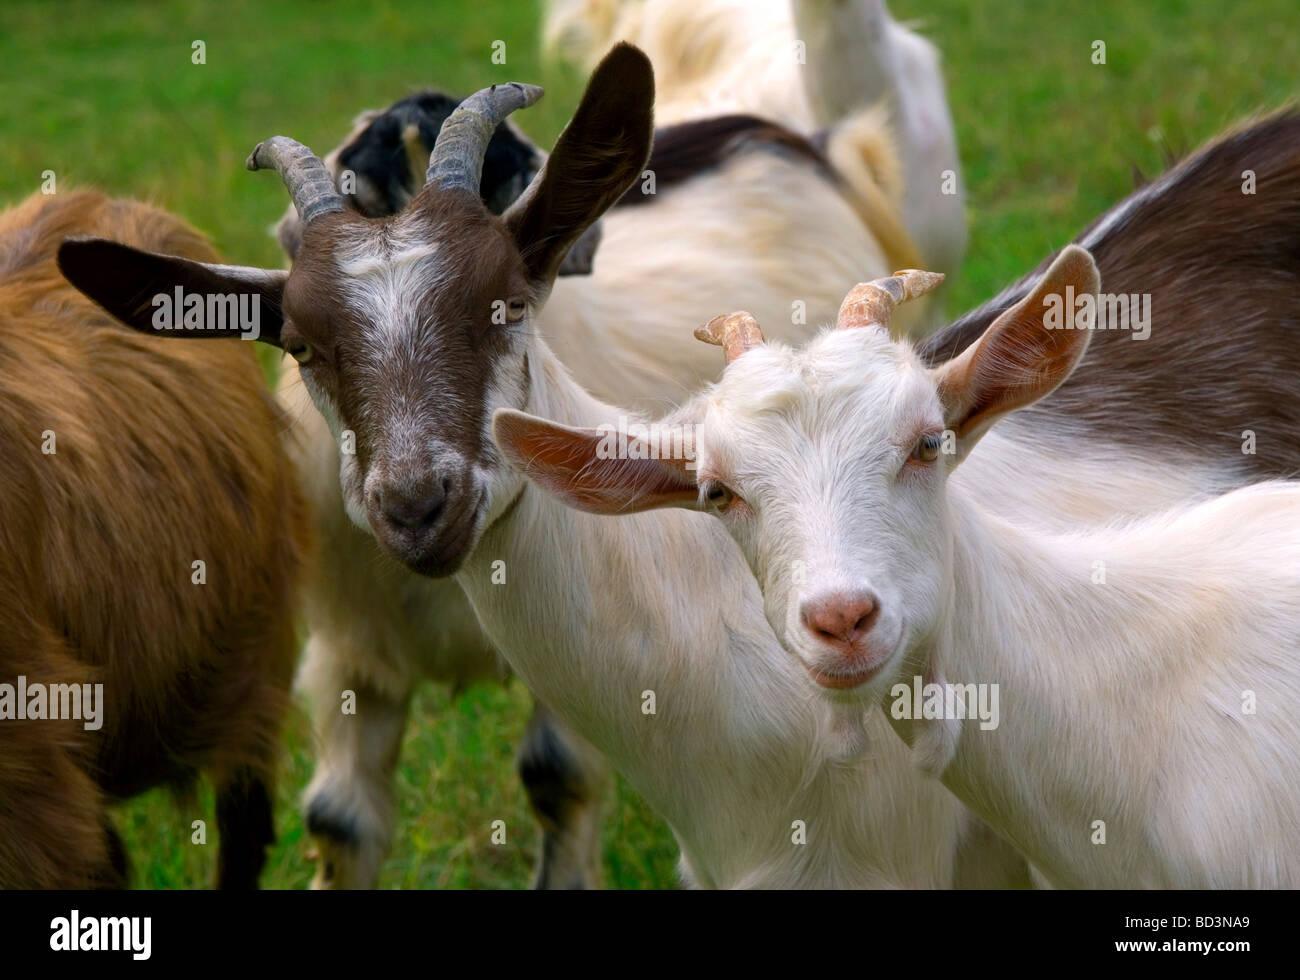 Goats - Stock Image